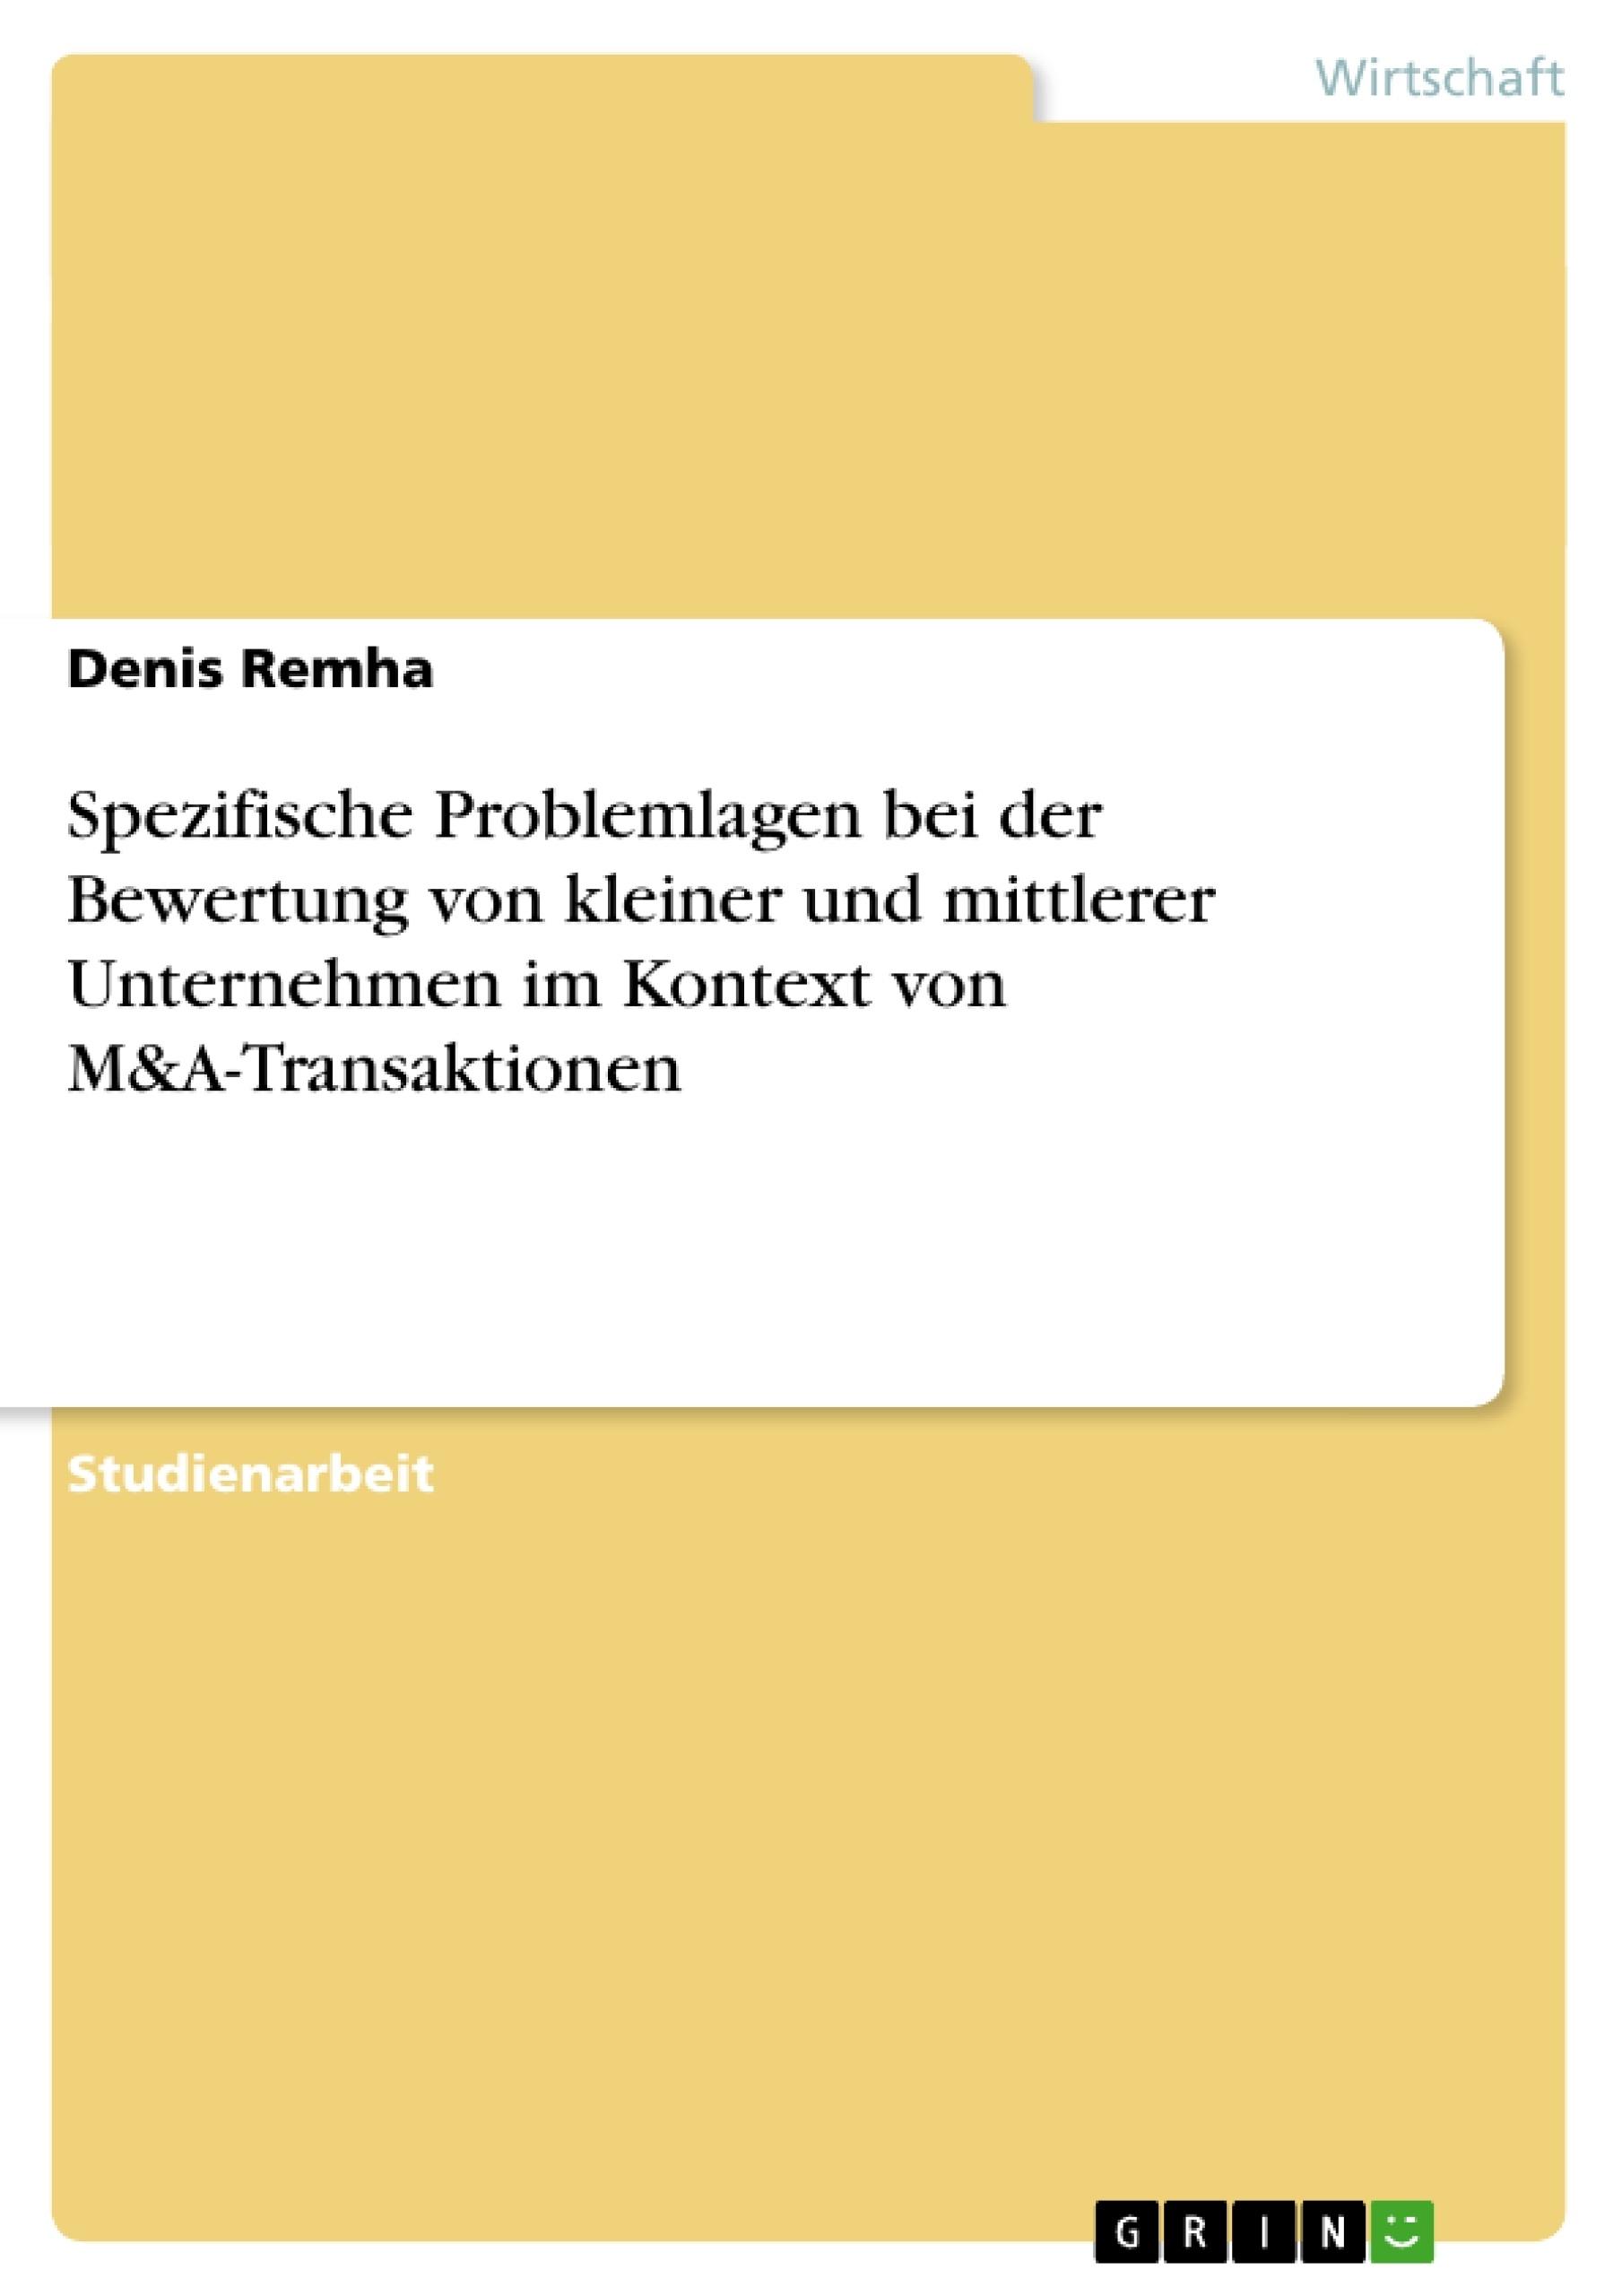 Titel: Spezifische Problemlagen bei der Bewertung von kleiner und mittlerer Unternehmen im Kontext von M&A-Transaktionen